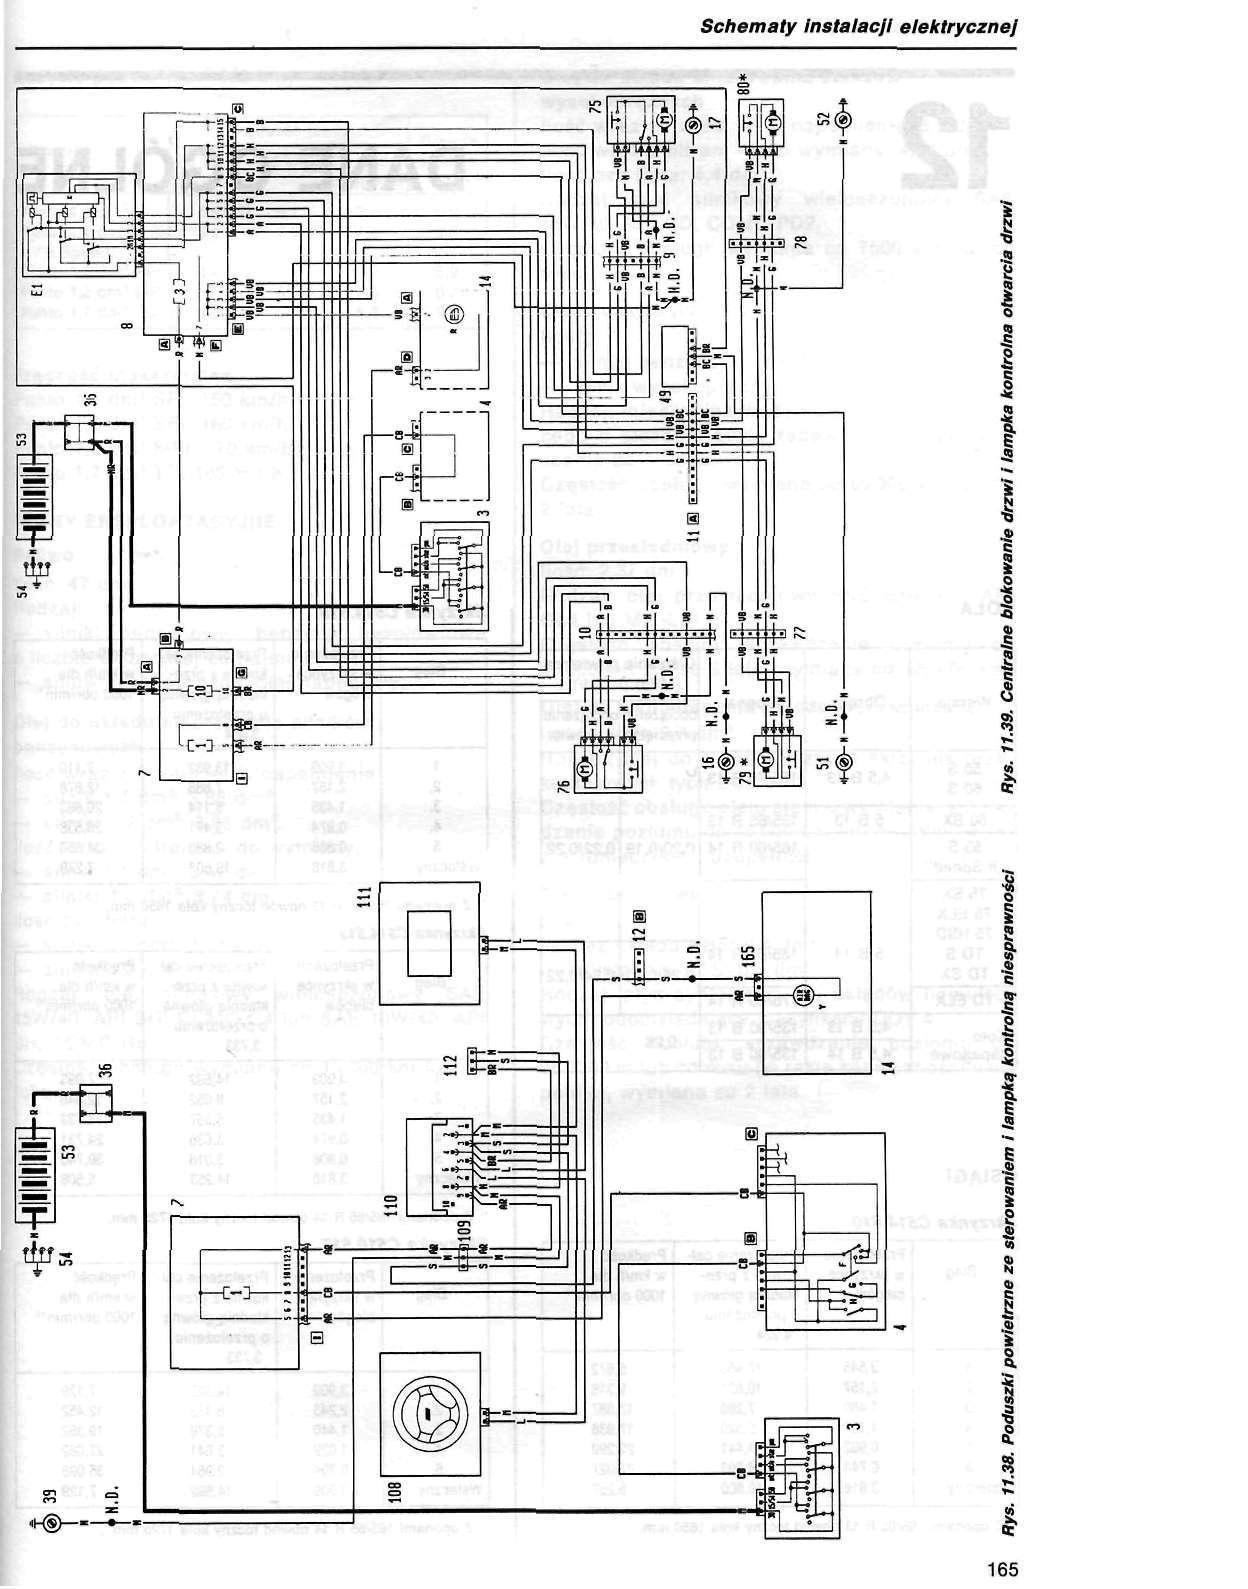 Click image for larger version  Name:PuntoMk1 Wiring 6.jpg Views:1479 Size:227.2 KB ID:68986